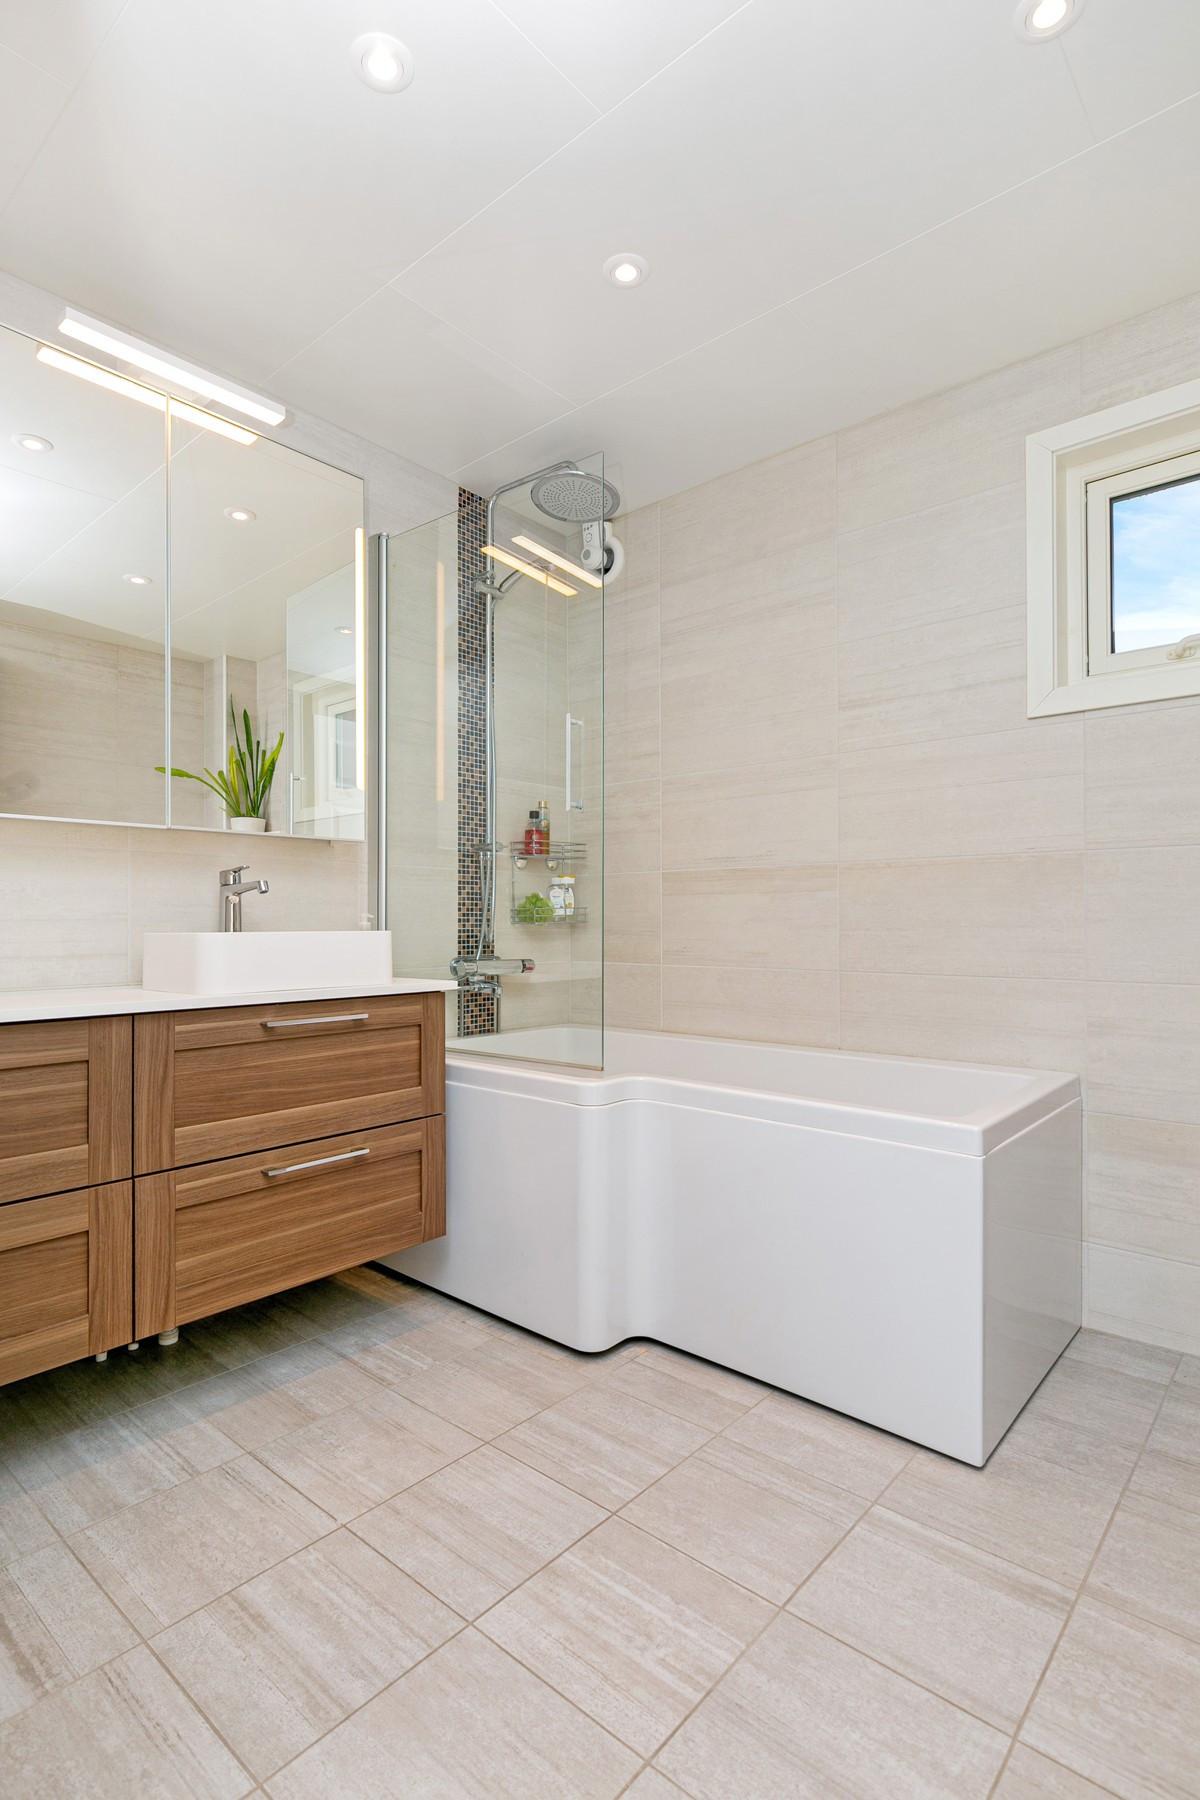 Badet er bygget med dusjhjørne under badekaret, slik at man enkelt kan fjerne badekaret å sette opp vanlige dusjdører